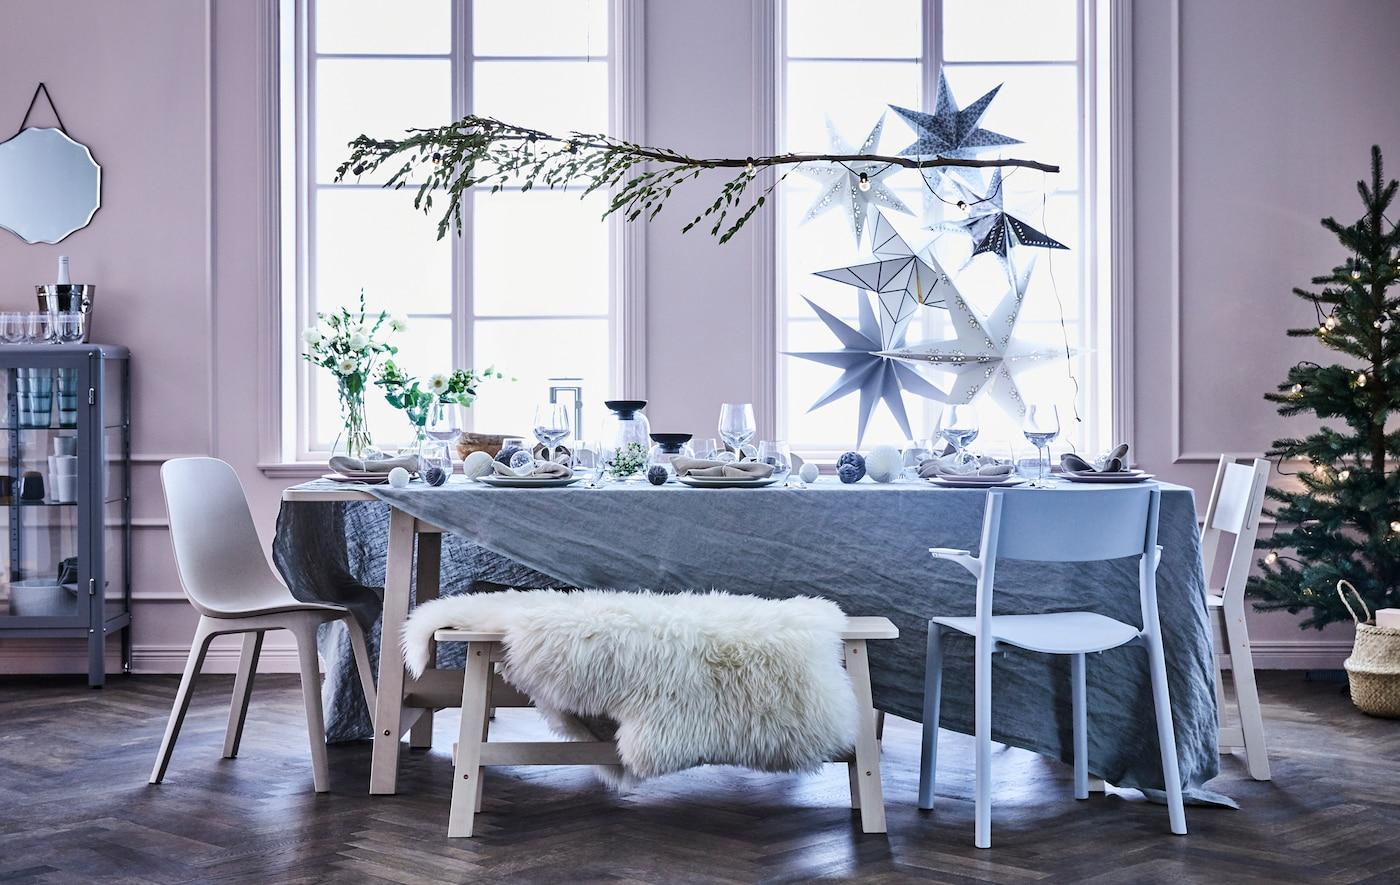 Dir ist nach einem gemeinsamen Weihnachtsessen im Wohnzimmer? Bei IKEA findest du jede Menge moderne Essplatzmöbel, Tische und Sitzgelegenheiten dafür, u. a. NORRÅKER Bank in weiß lasierter Birke! Falls du Kinder hast, wird es dich freuen, dass die Bank abgerundete Kanten hat und kleine Köpfe so etw